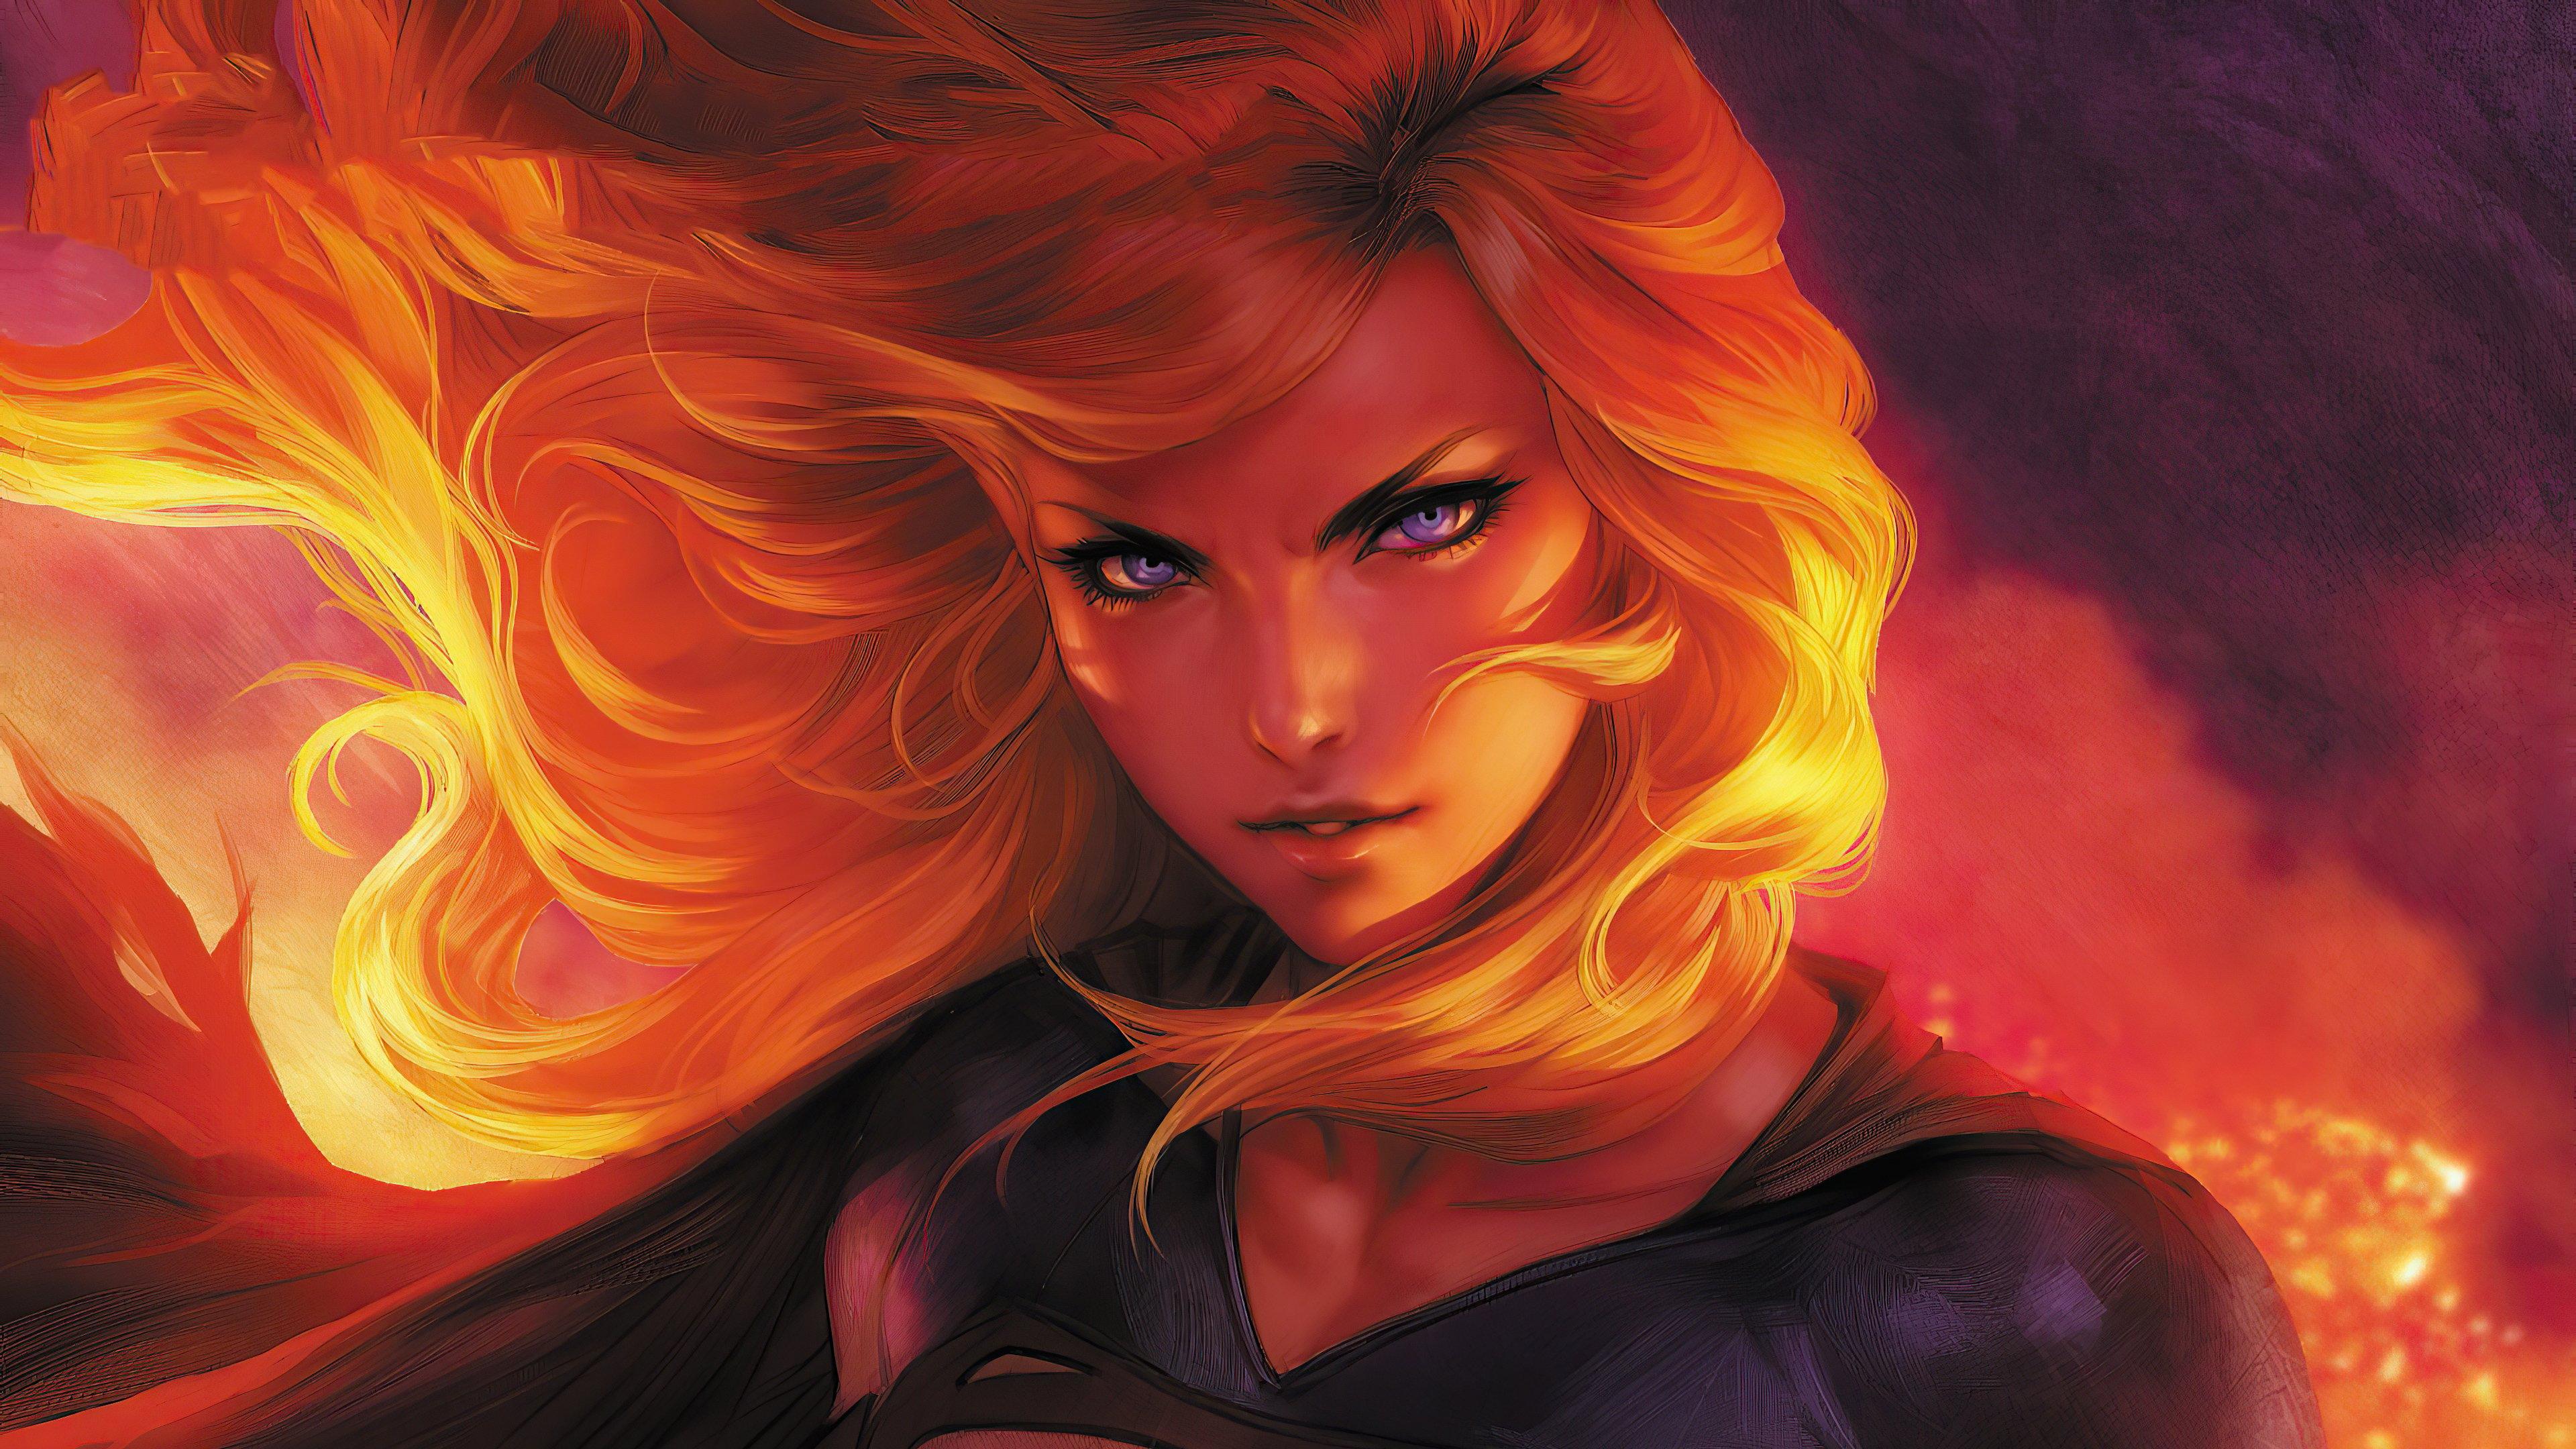 Fondos de pantalla Supergirl en fuego Fanart